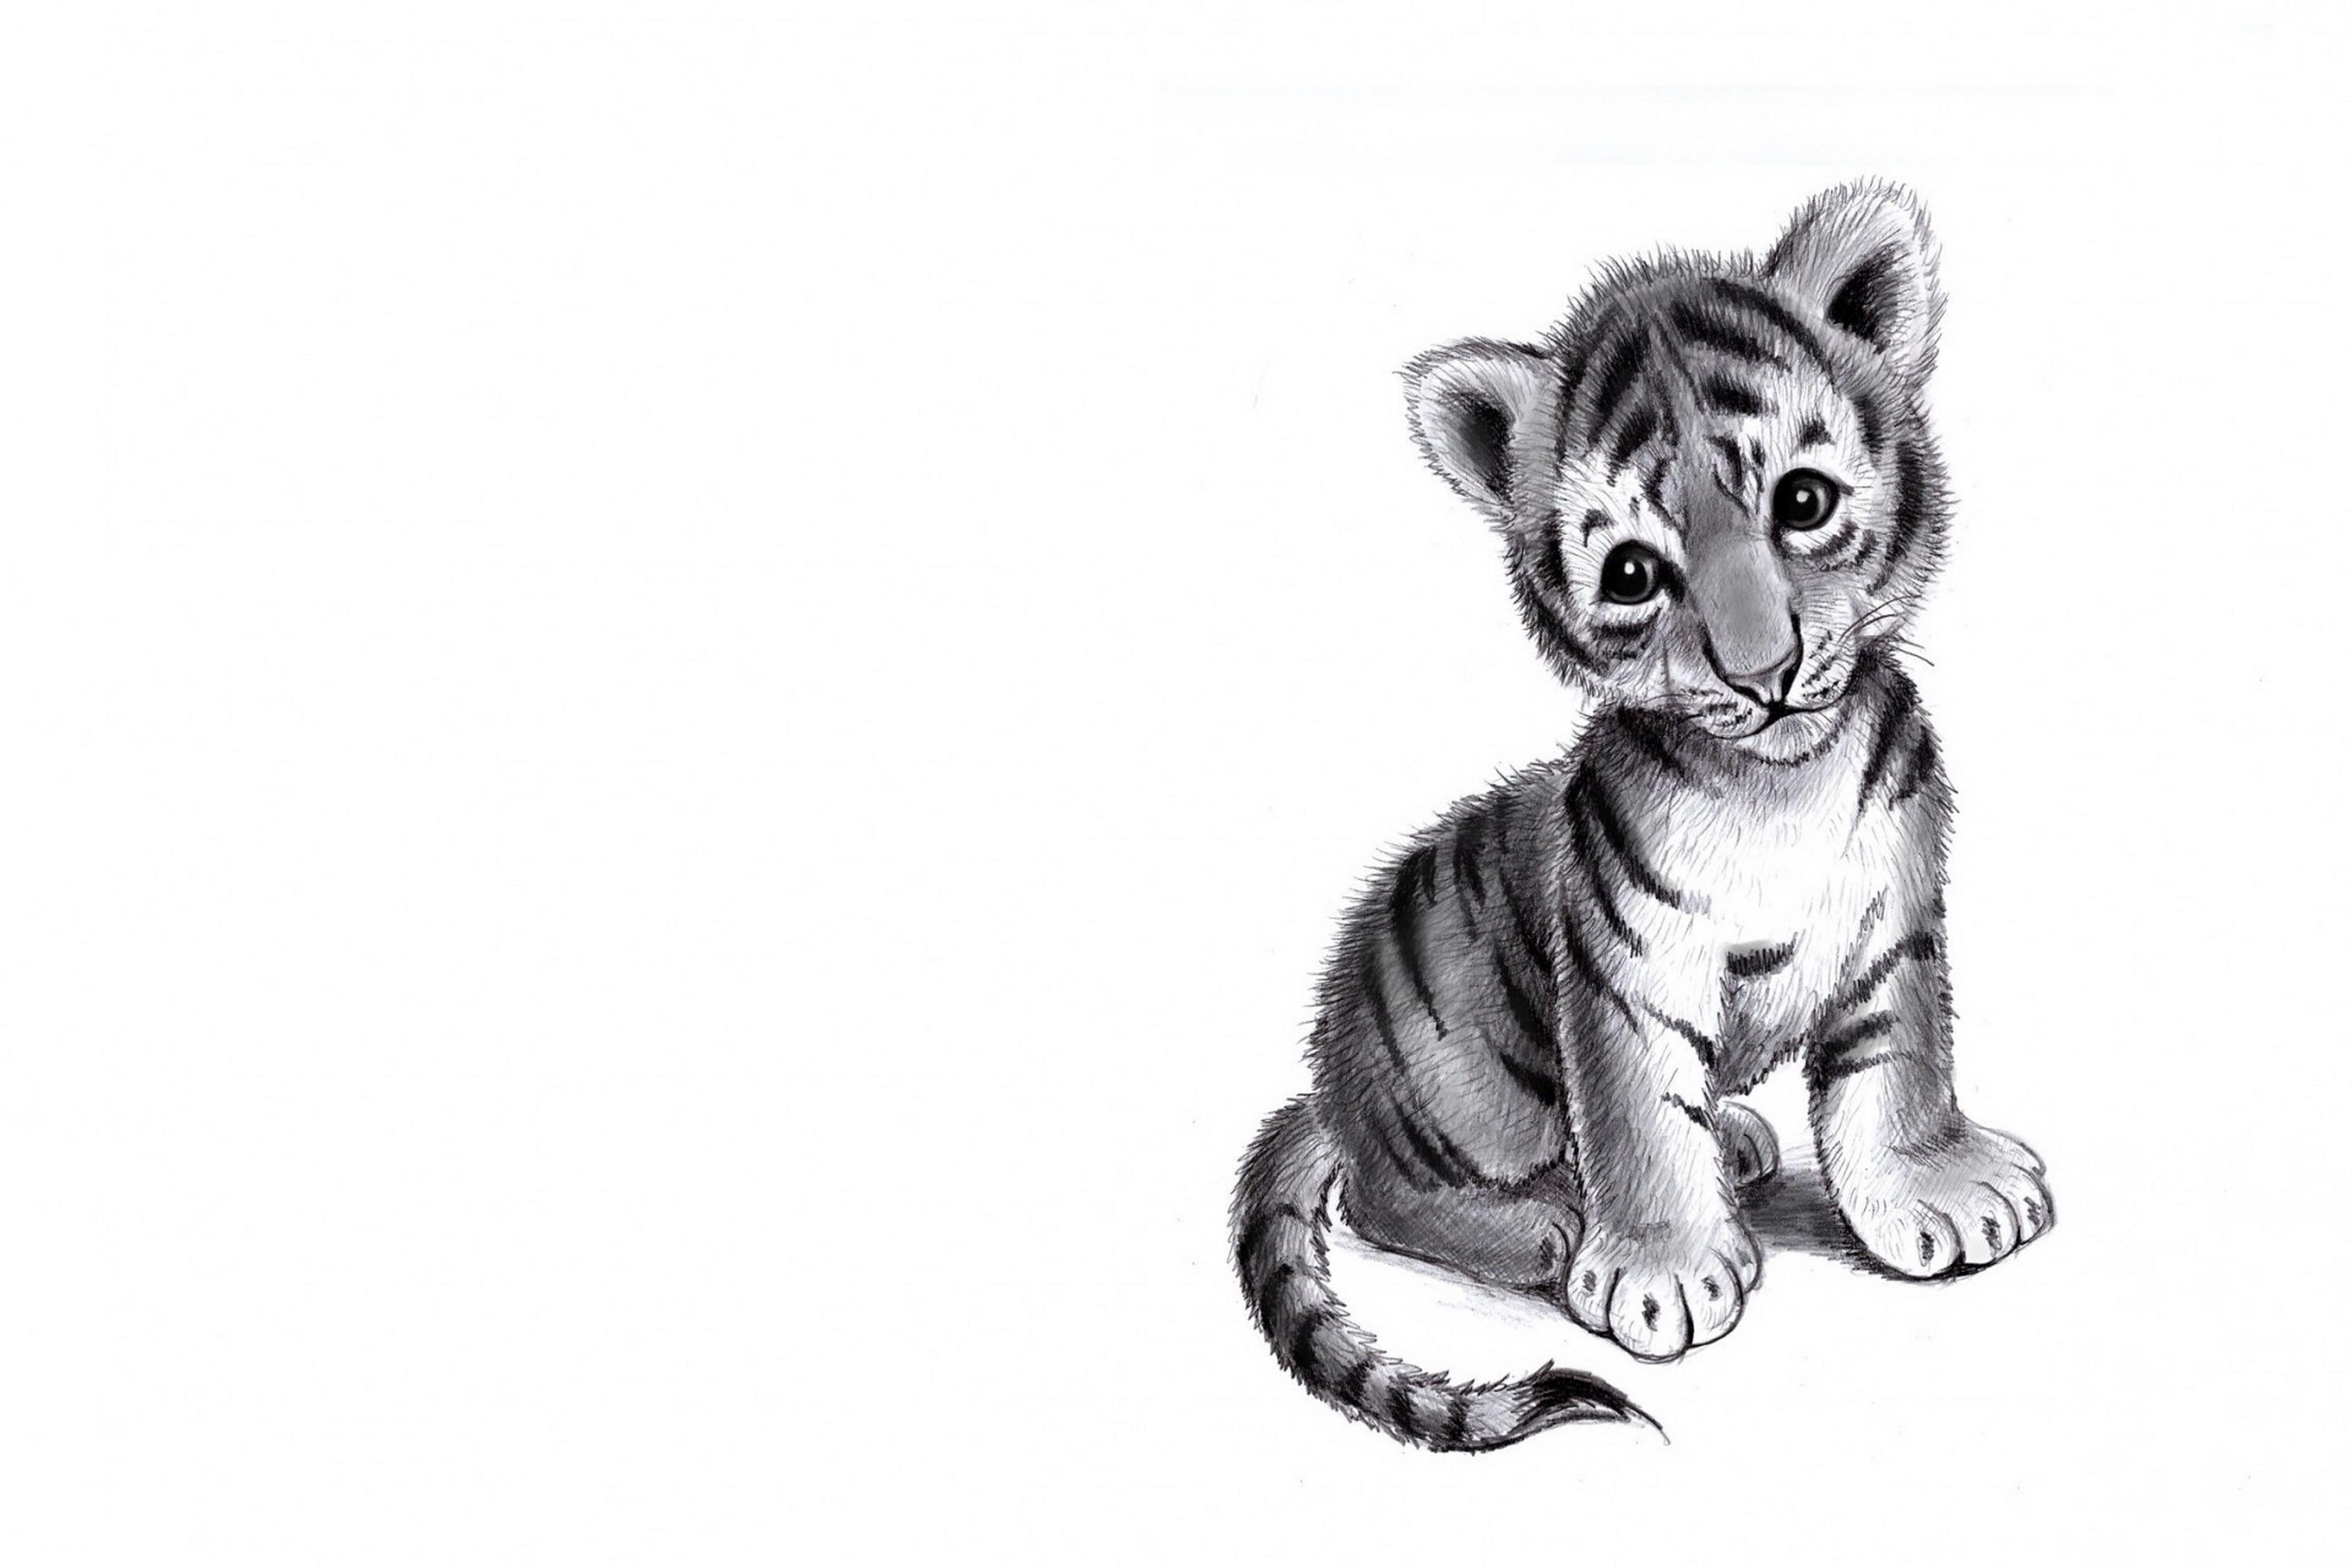 B b tigre crayon dessin triste humeur salon accueil art d cor bois cadre tissu affiche - Dessins triste ...